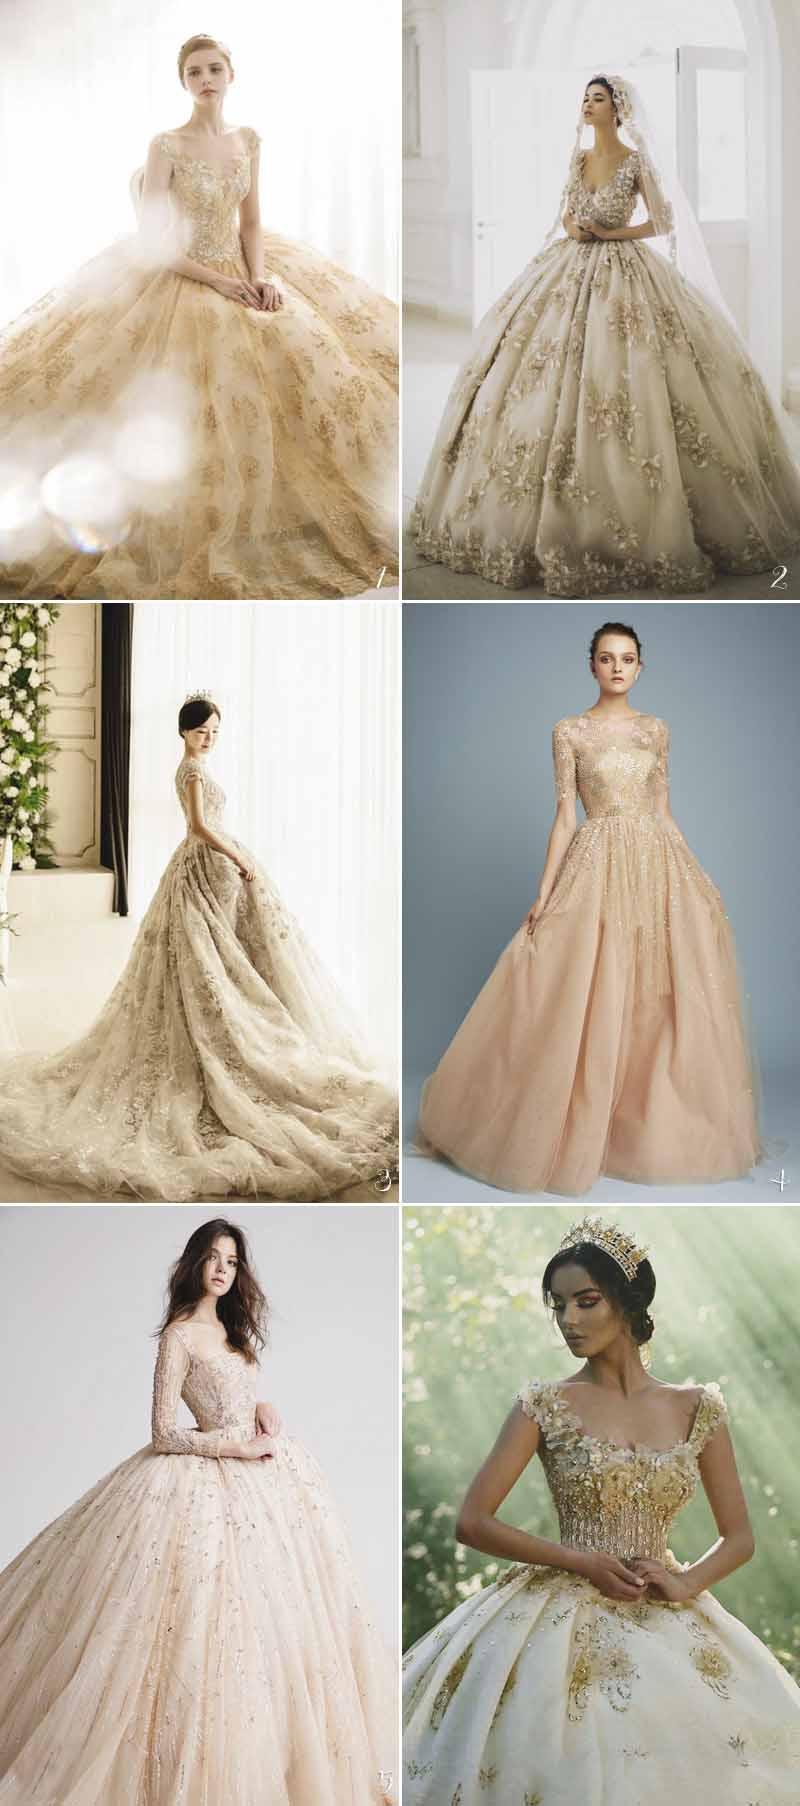 xu hướng váy cưới